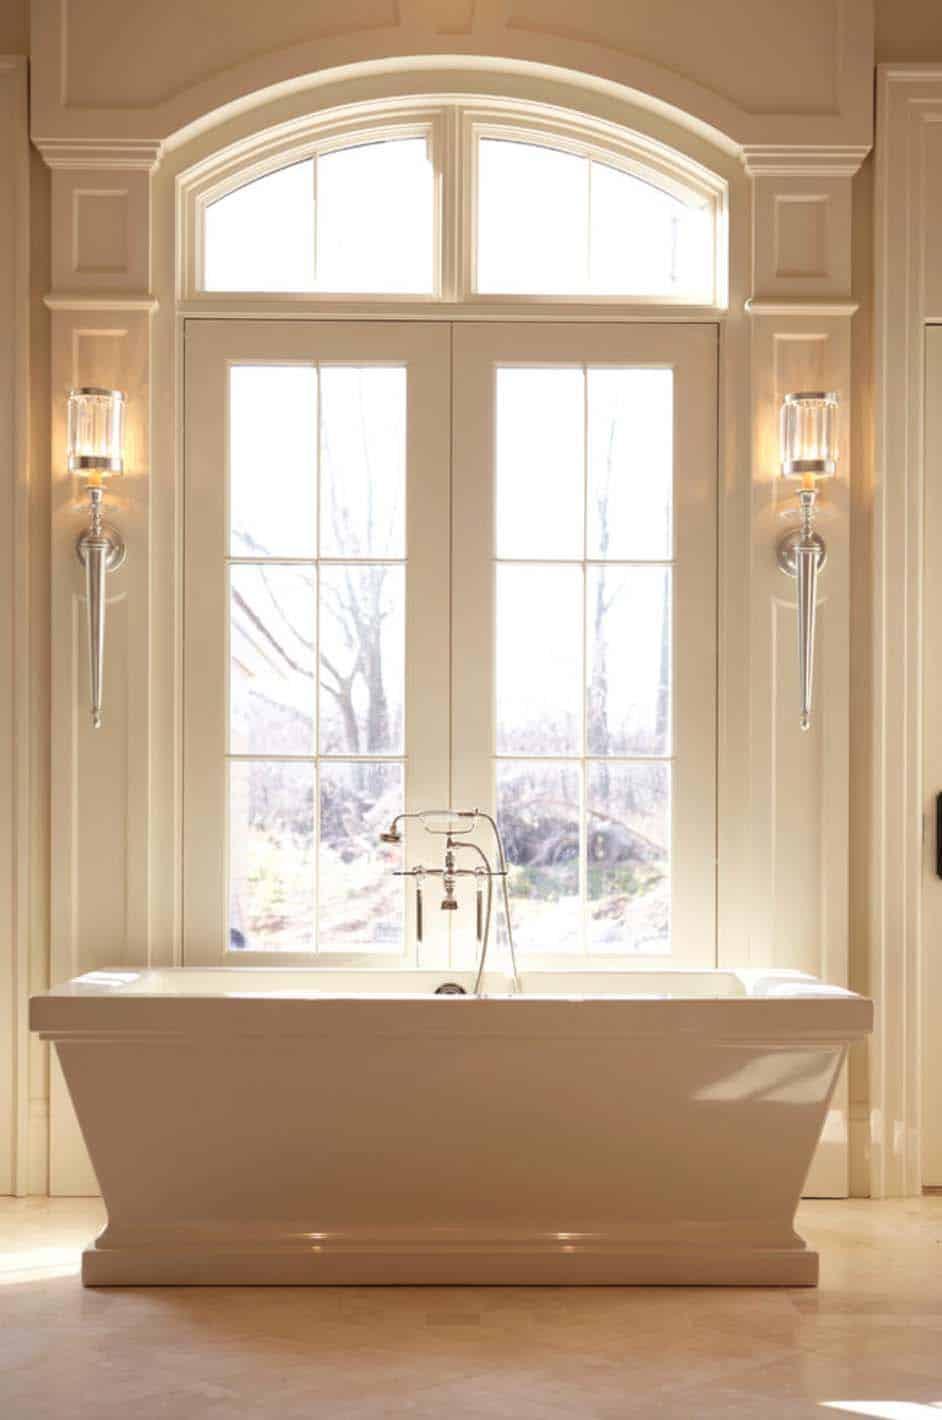 Freestanding-Tubs-Bathroom-Ideas-33-1 Kindesign